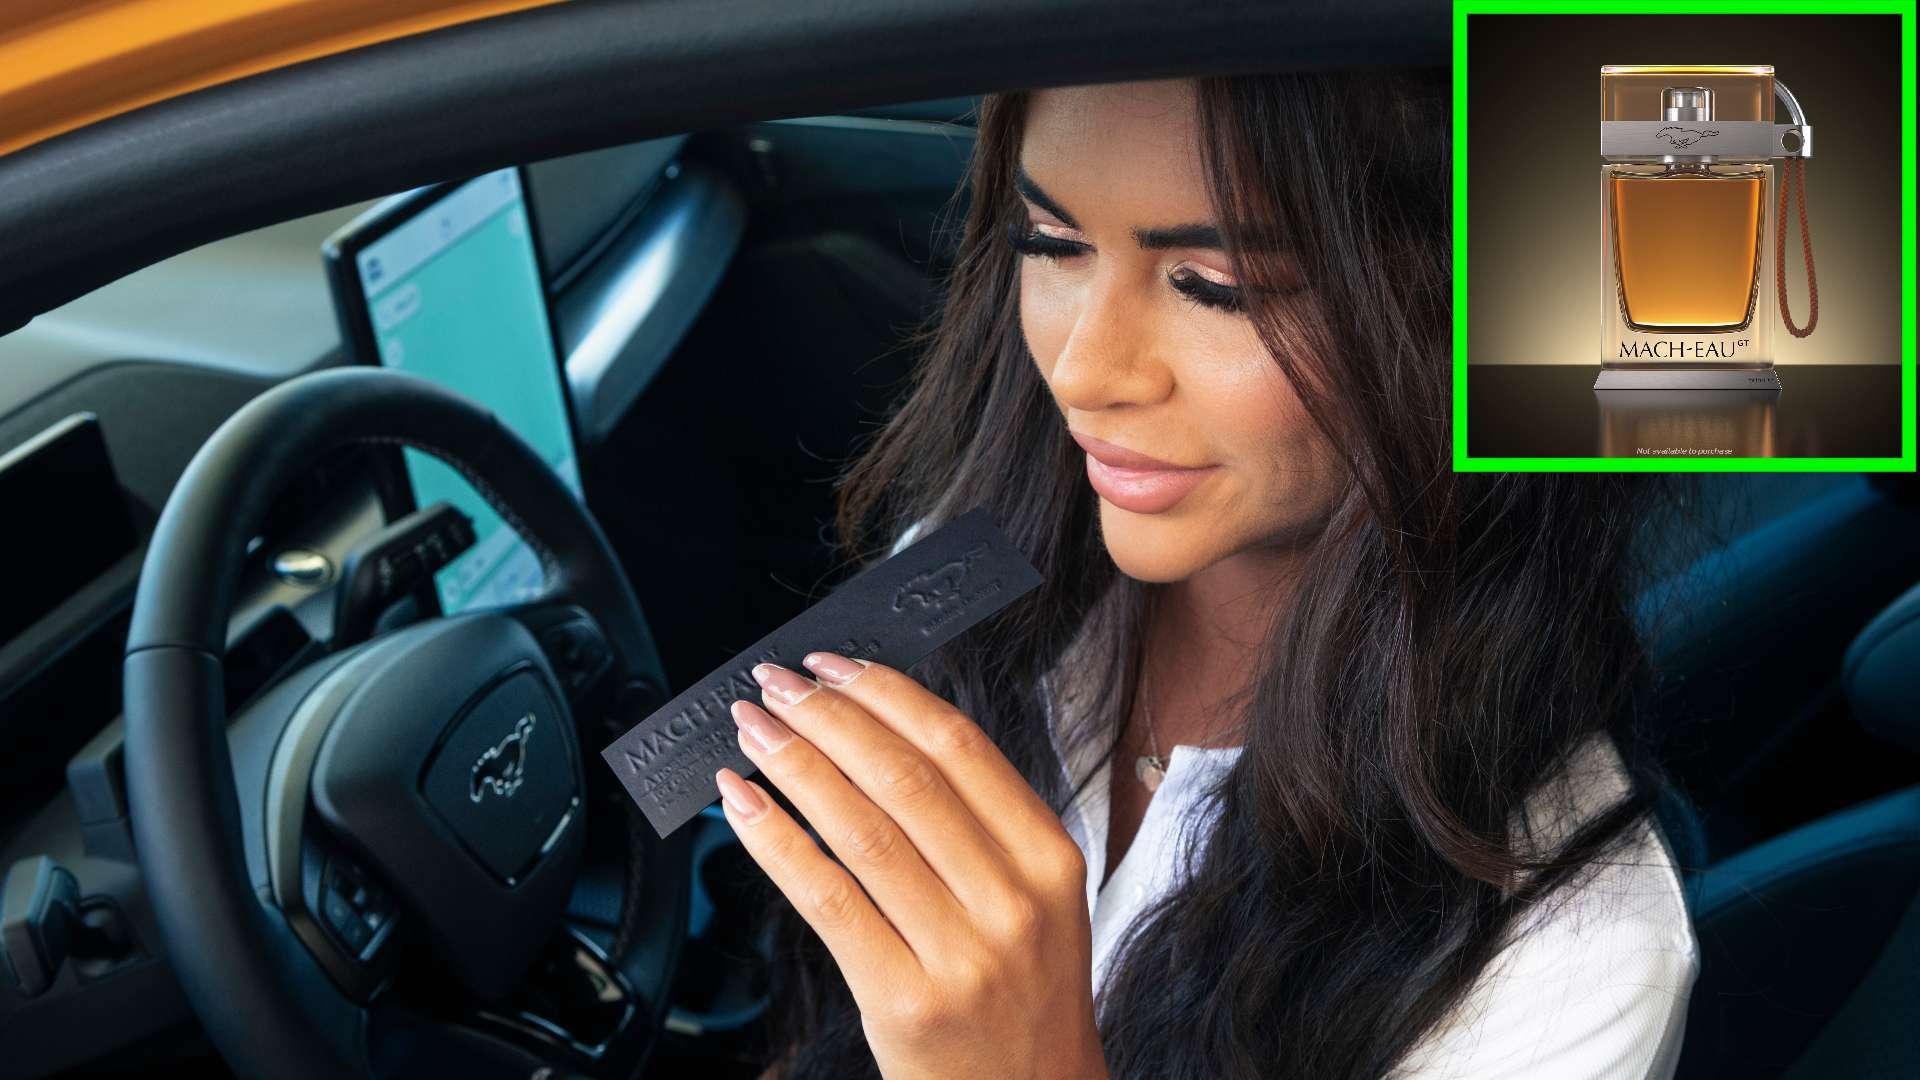 Ford запускает линию парфюма для владельцев электромобилей с ароматом бензина